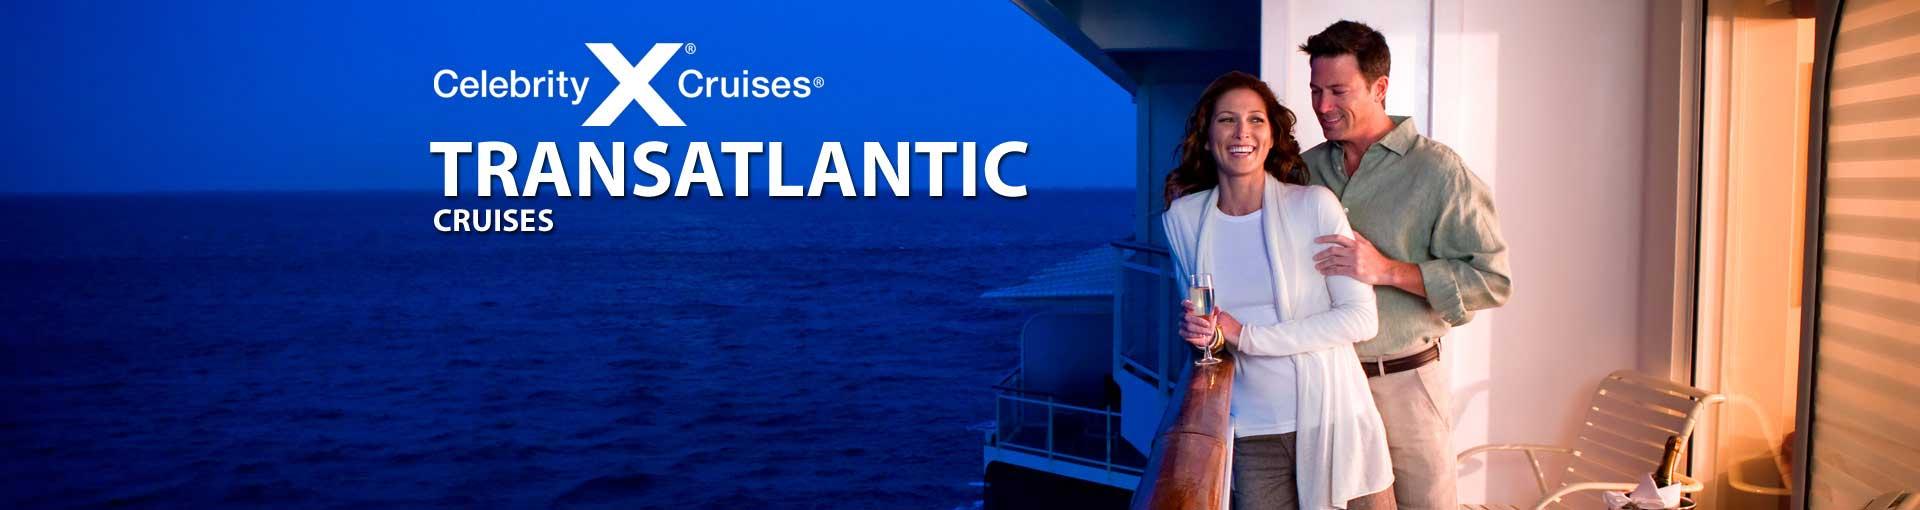 Celebrity Cruises Transatlantic Cruises